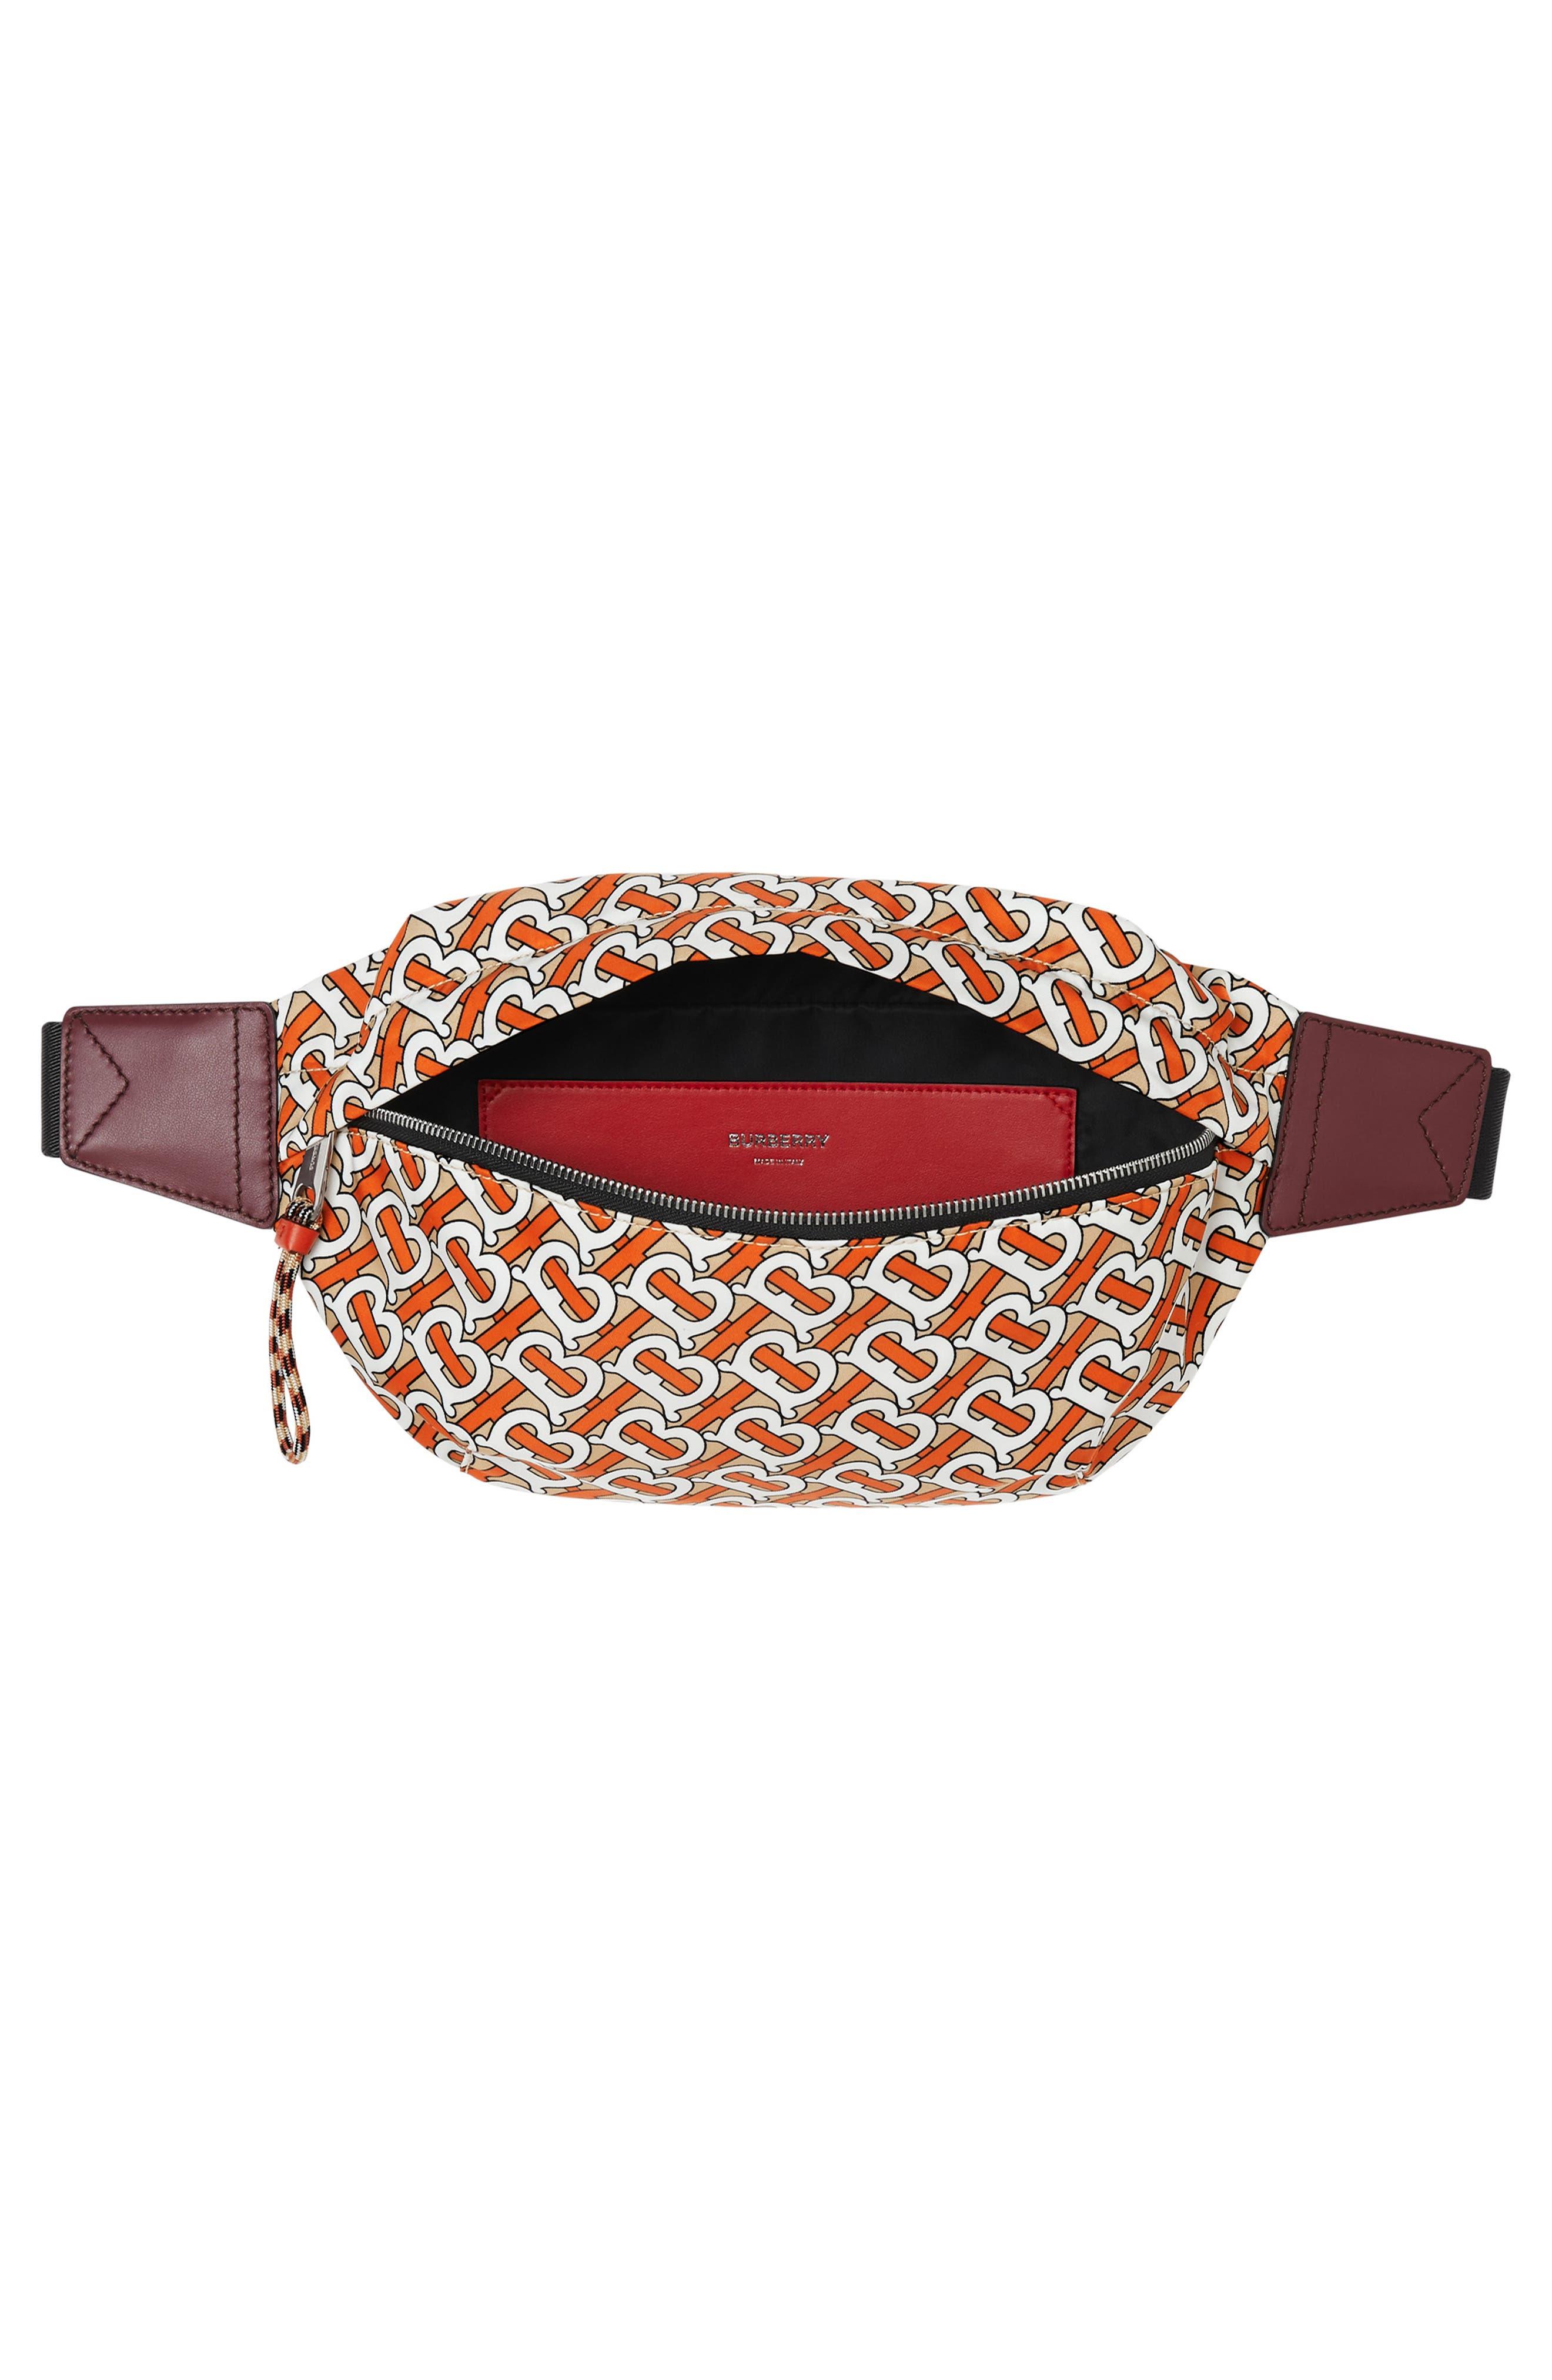 BURBERRY, Sonny Monogram Nylon Belt Bag, Alternate thumbnail 4, color, VERMILLION